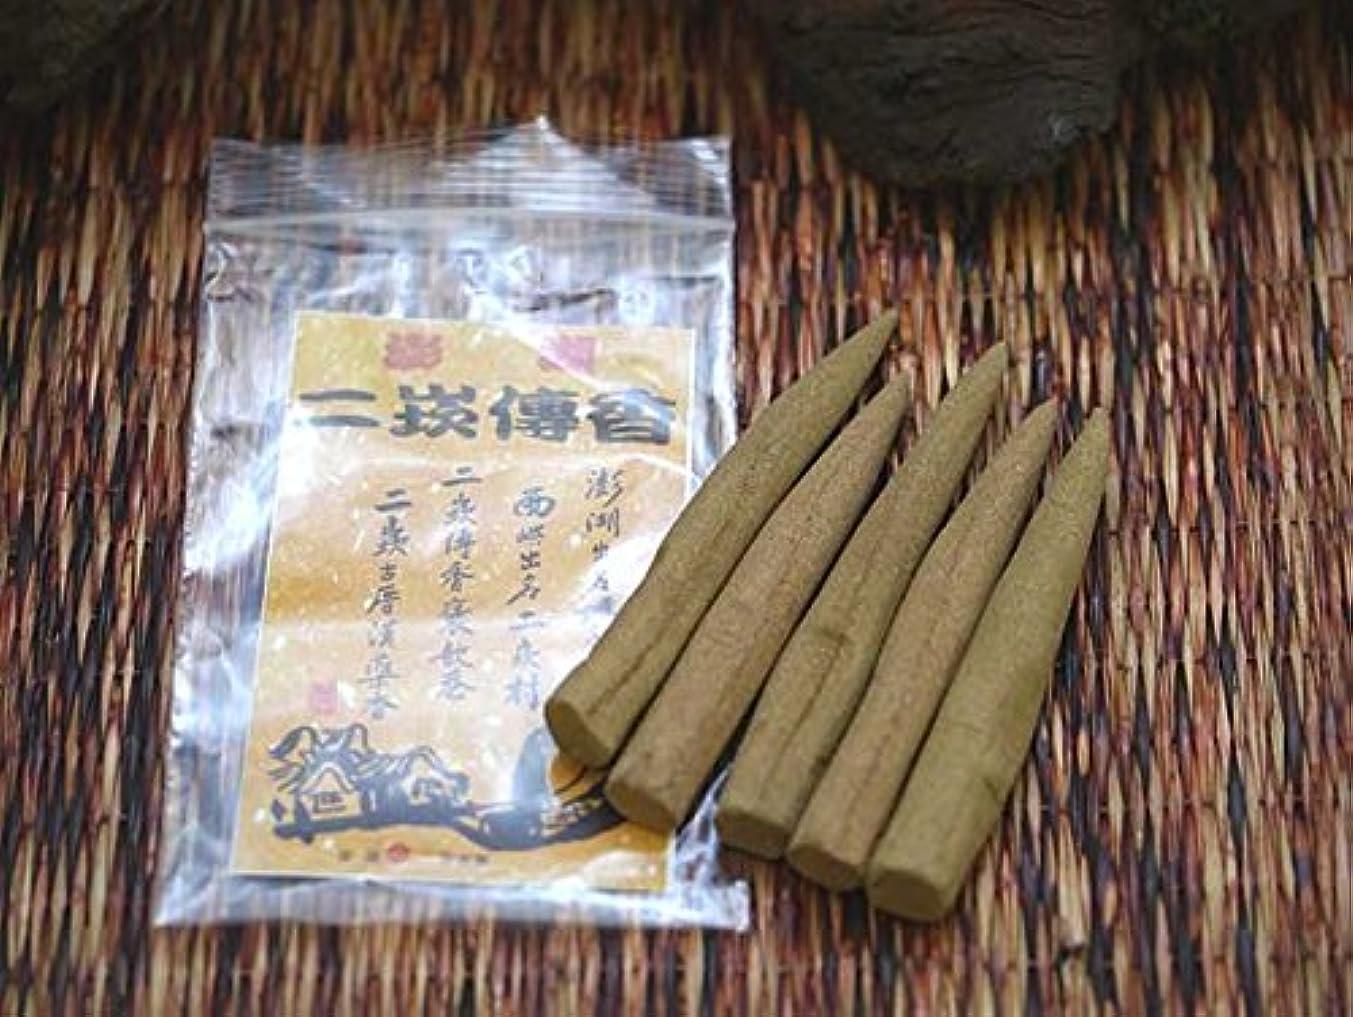 報酬の十分です時刻表ニガンハクコウ 【二 傳香(小)】台湾は澎湖島でのみ作られている伝統的な魔除香